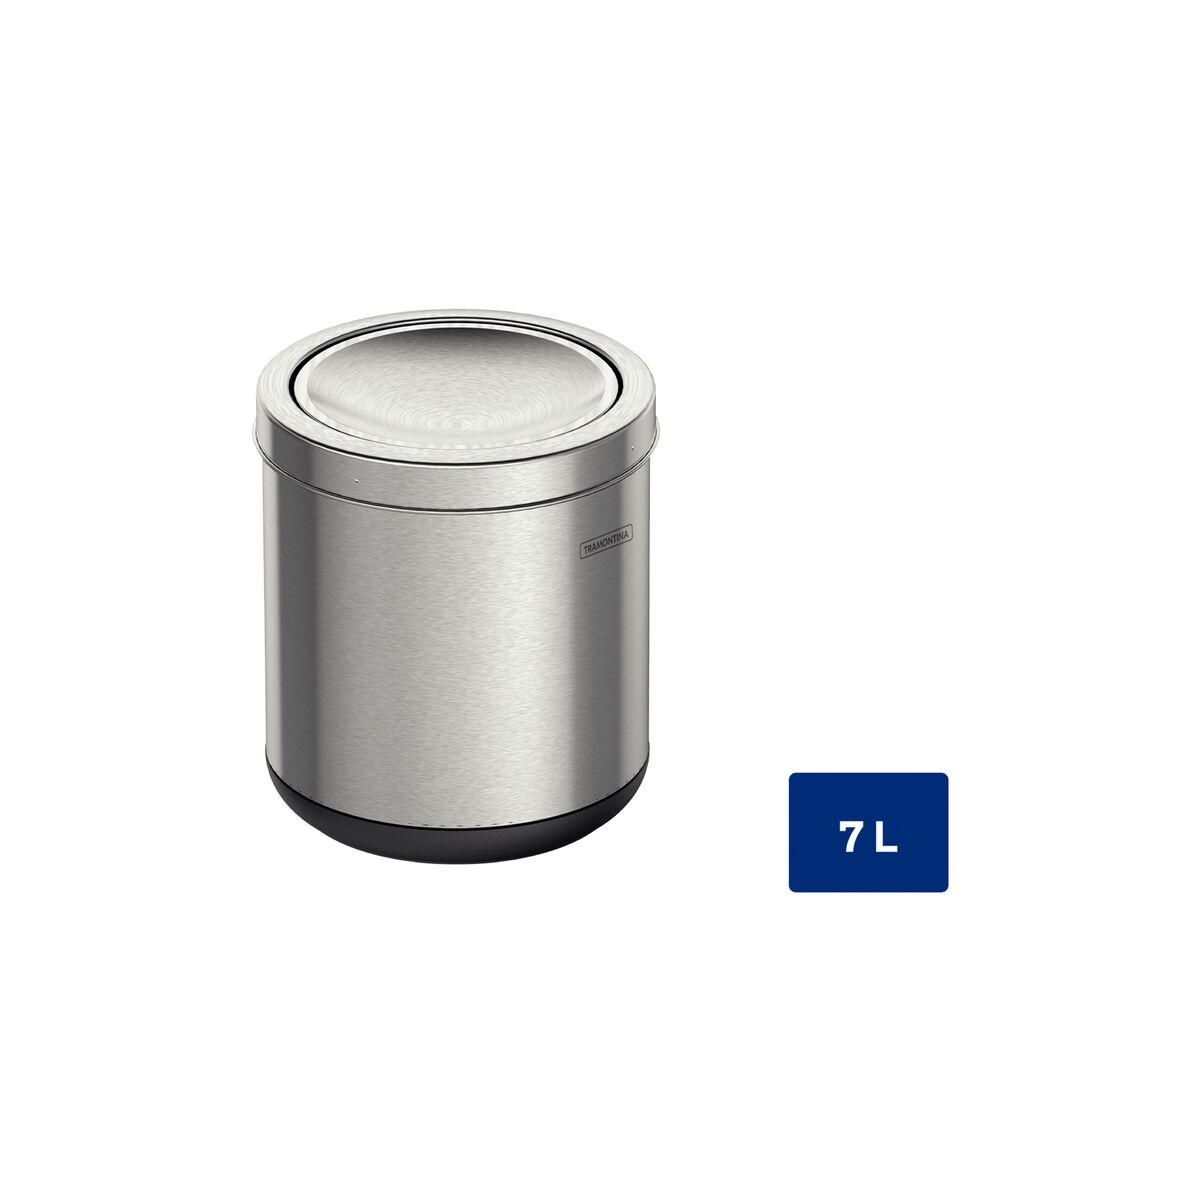 Basurero de acero inoxidable Tramontina con terminación pulida con tapa de vaivén, base de polipropileno y 7 l de capacidad.